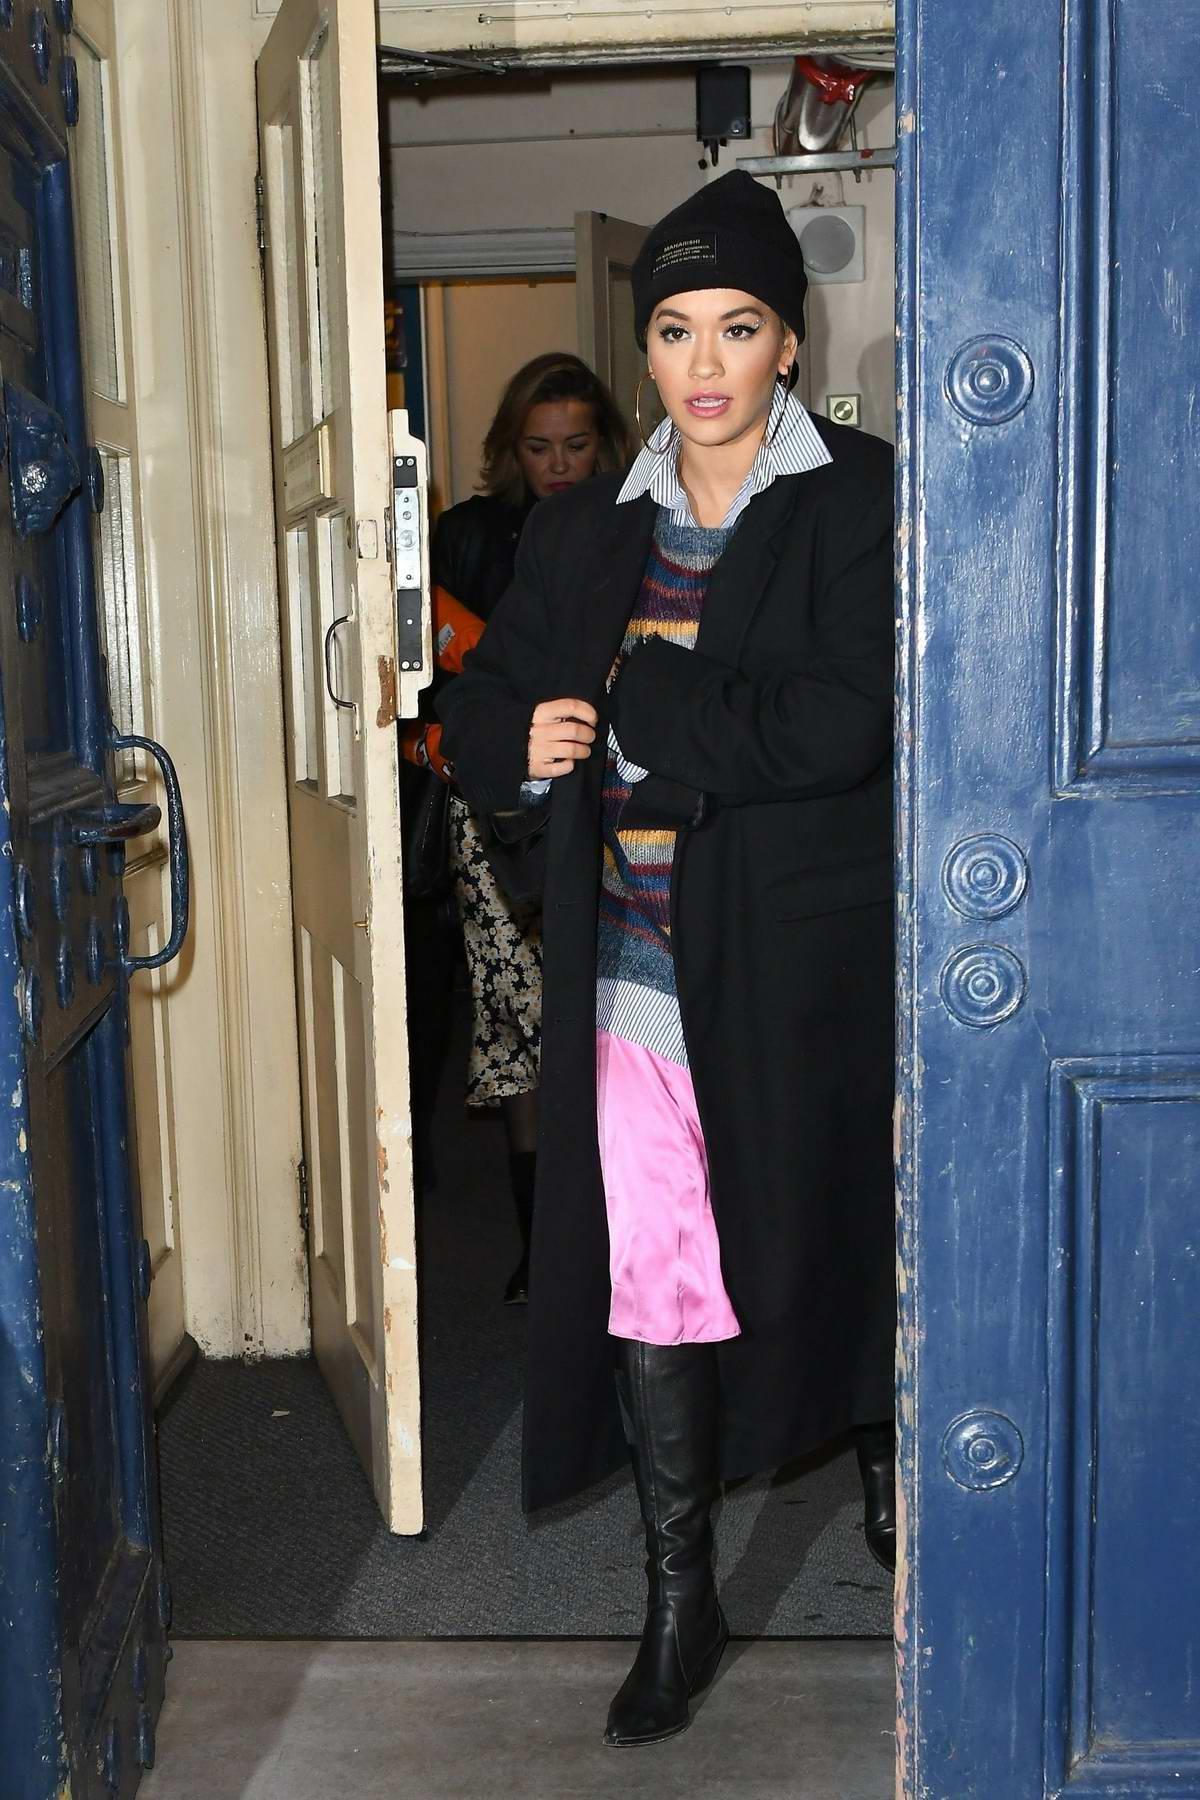 Rita Ora leaving the Royal Drury Lane Theatre in London, UK